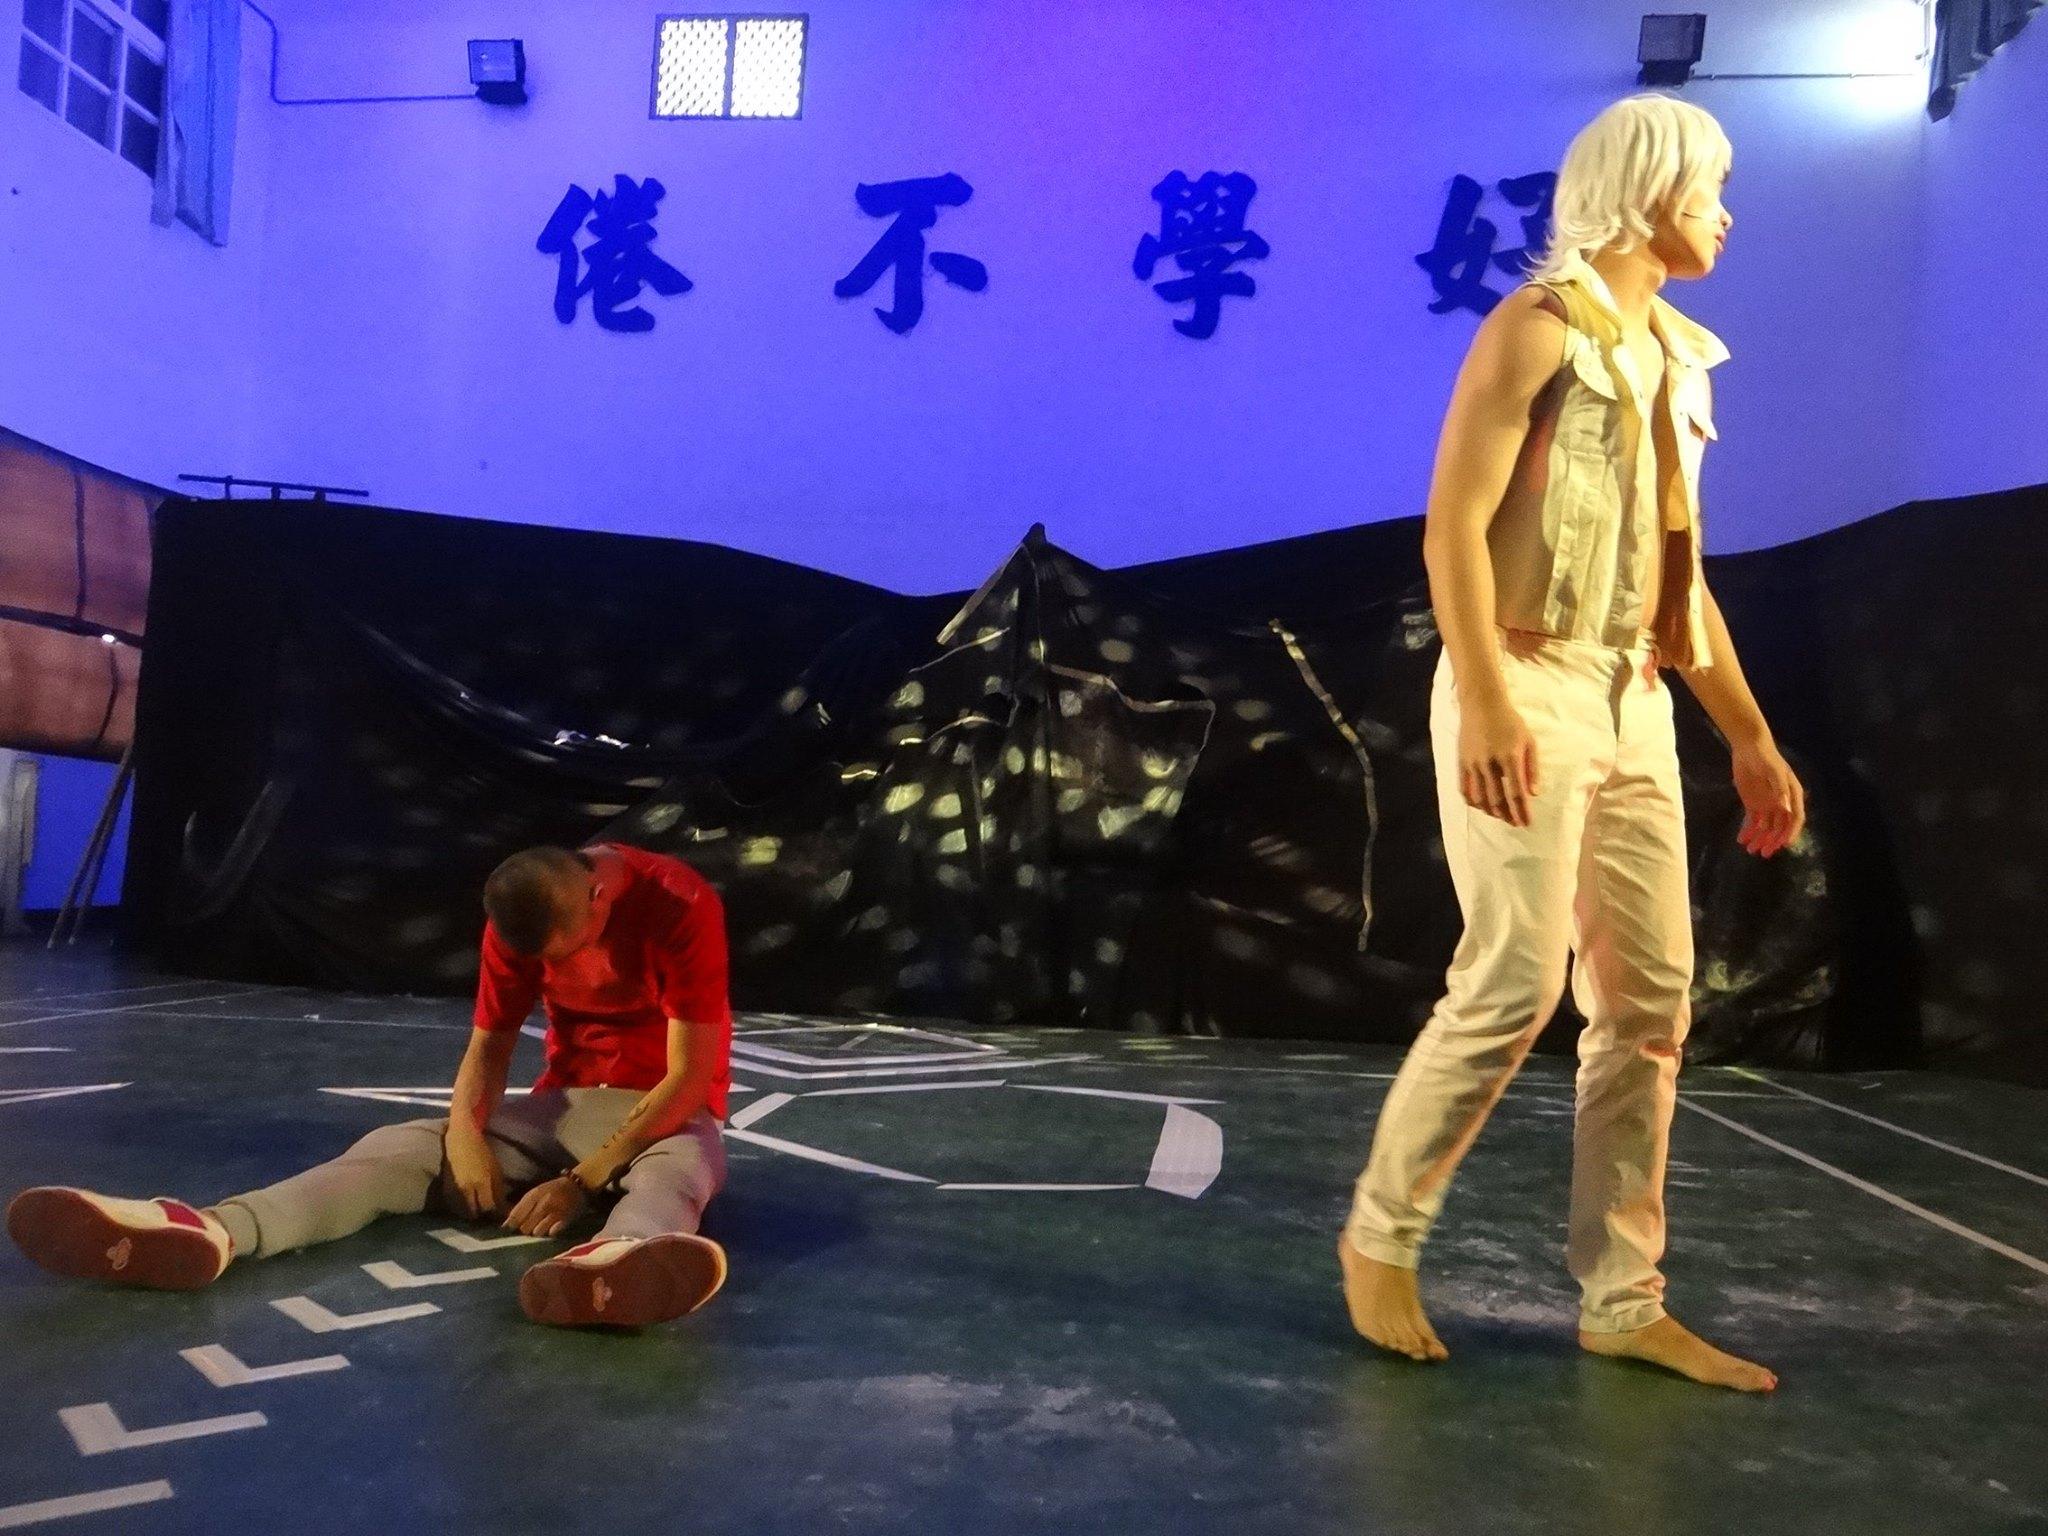 差事劇團帶領誠正中學仁班同學於校內禮堂演出的戲劇《山中樂園》。(差事劇團攝)